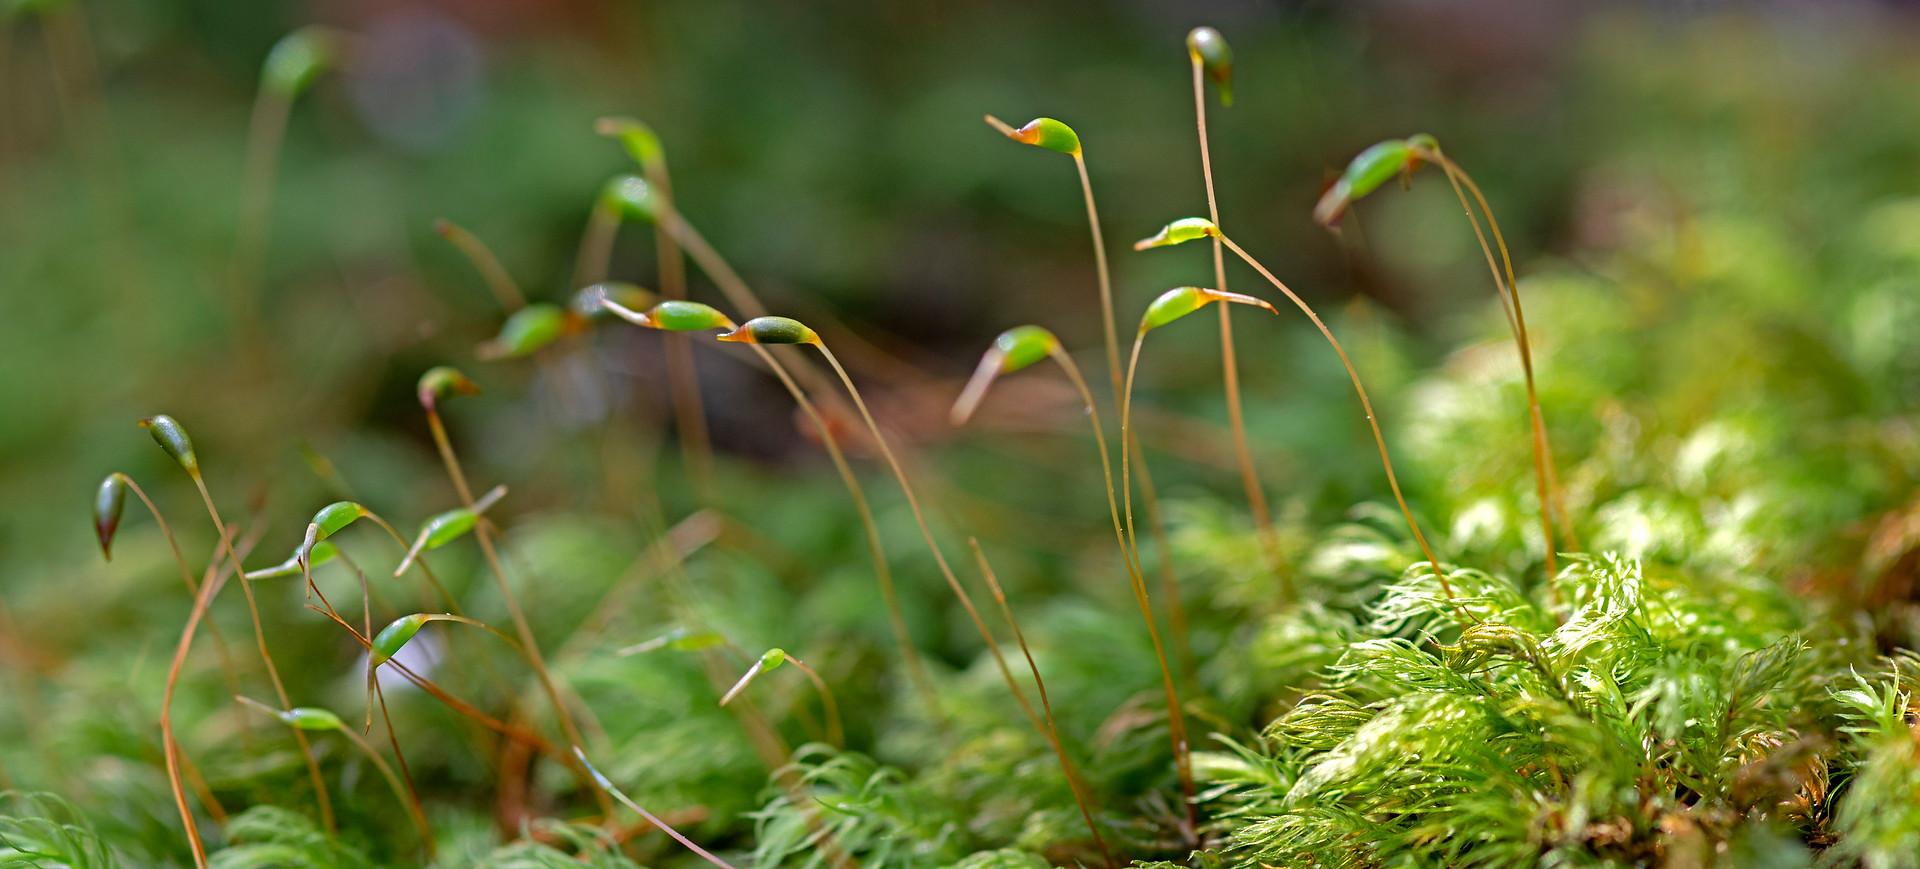 The Garden of Eden, macro moss